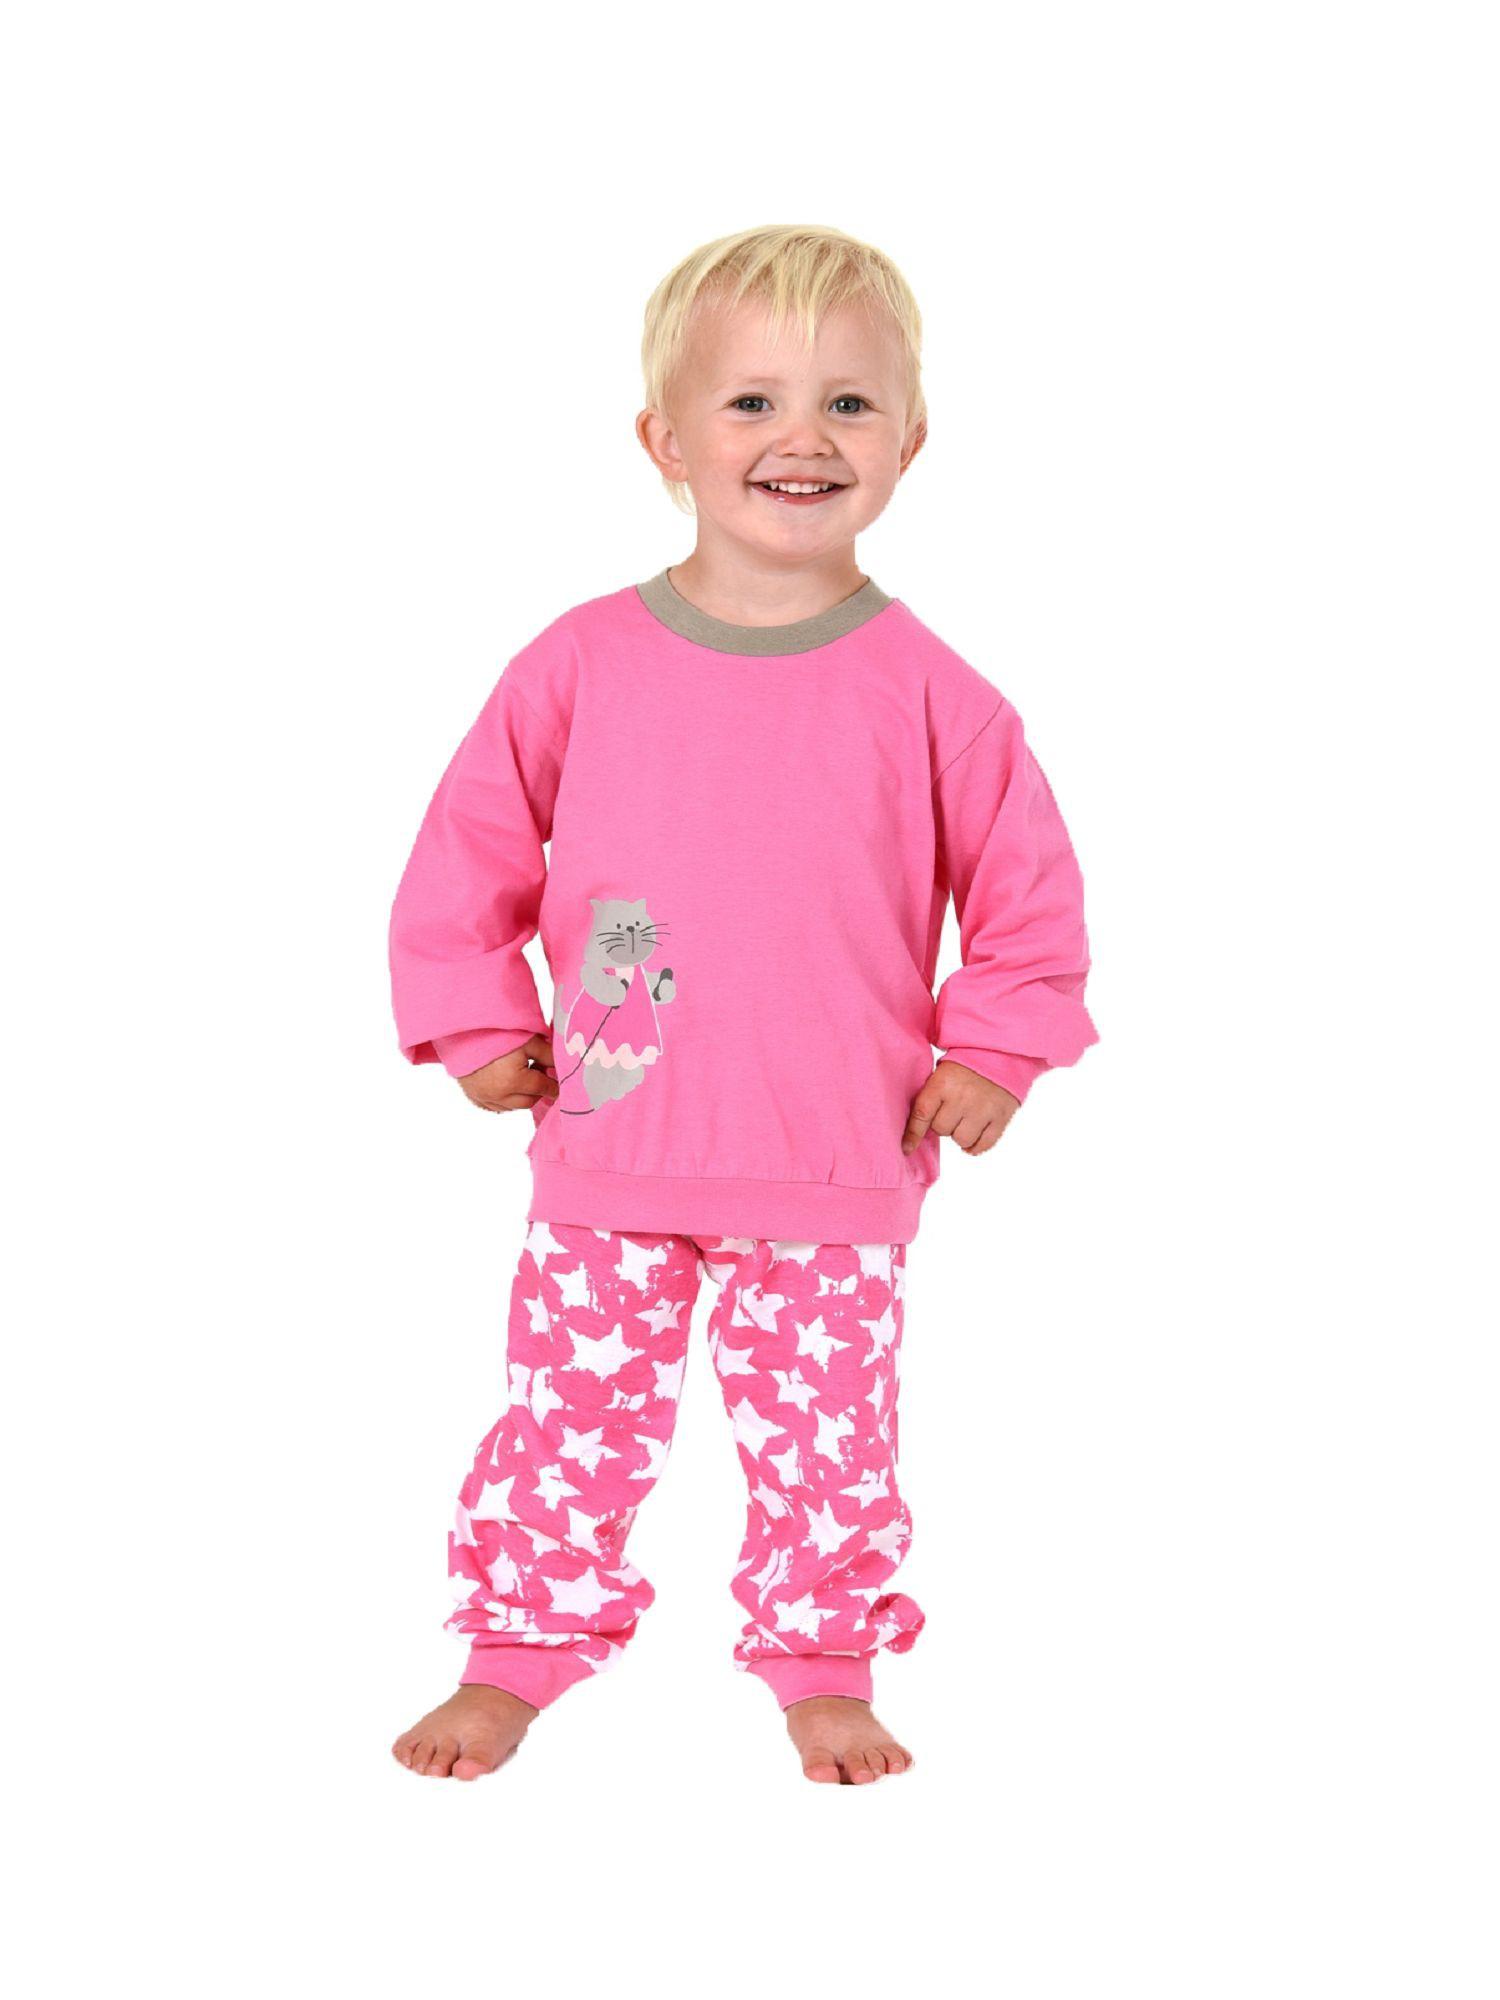 finest selection d6fb1 6ed36 Mädchen Schlafanzug Pyjama mit Bündchen- Hose im Sternen ...